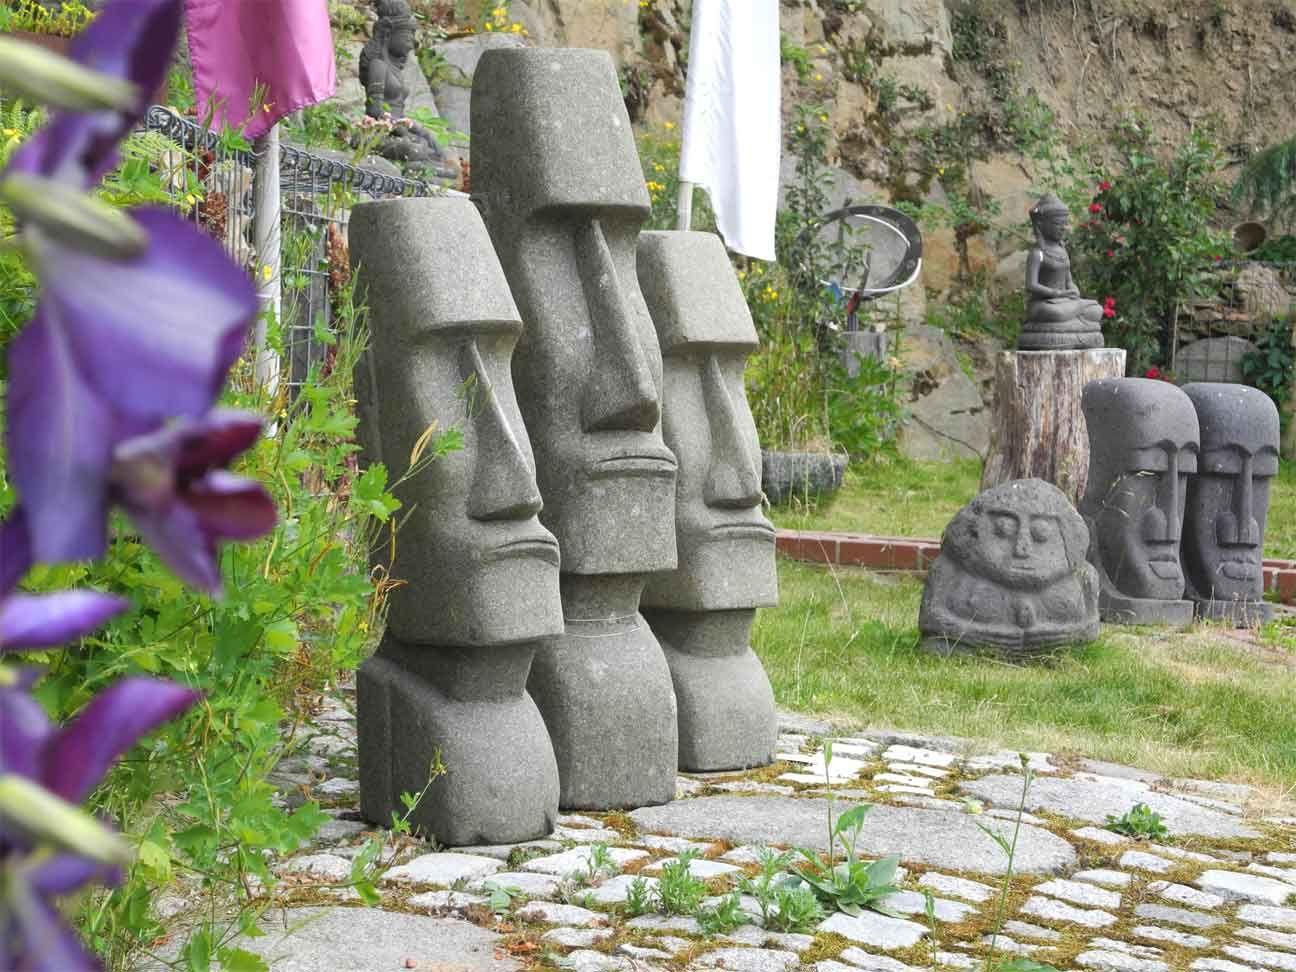 Full Size of Skulptur Garten Znalezione Obrazy Dla Zapytania Modern Sichtschutz Im Feuerstellen Und Landschaftsbau Hamburg Holzbank Brunnen Truhenbank Feuerstelle Lounge Wohnzimmer Skulptur Garten